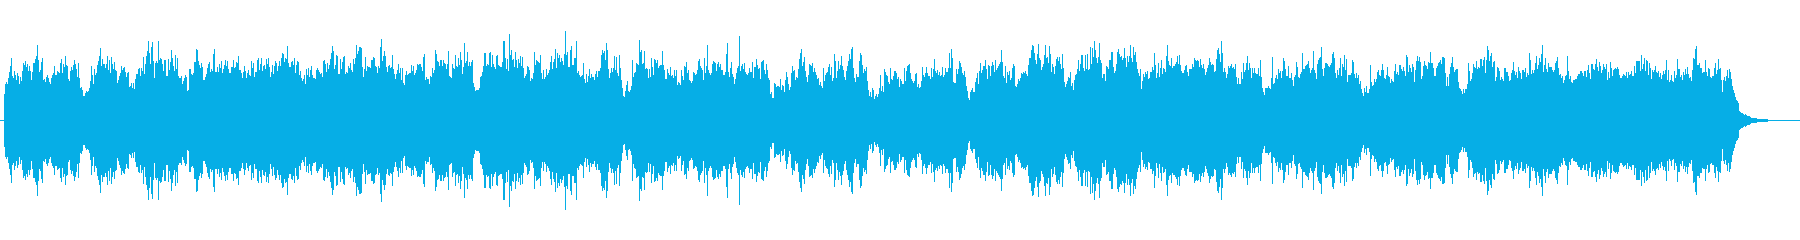 冬の雪を表現したストリングスの曲の再生済みの波形